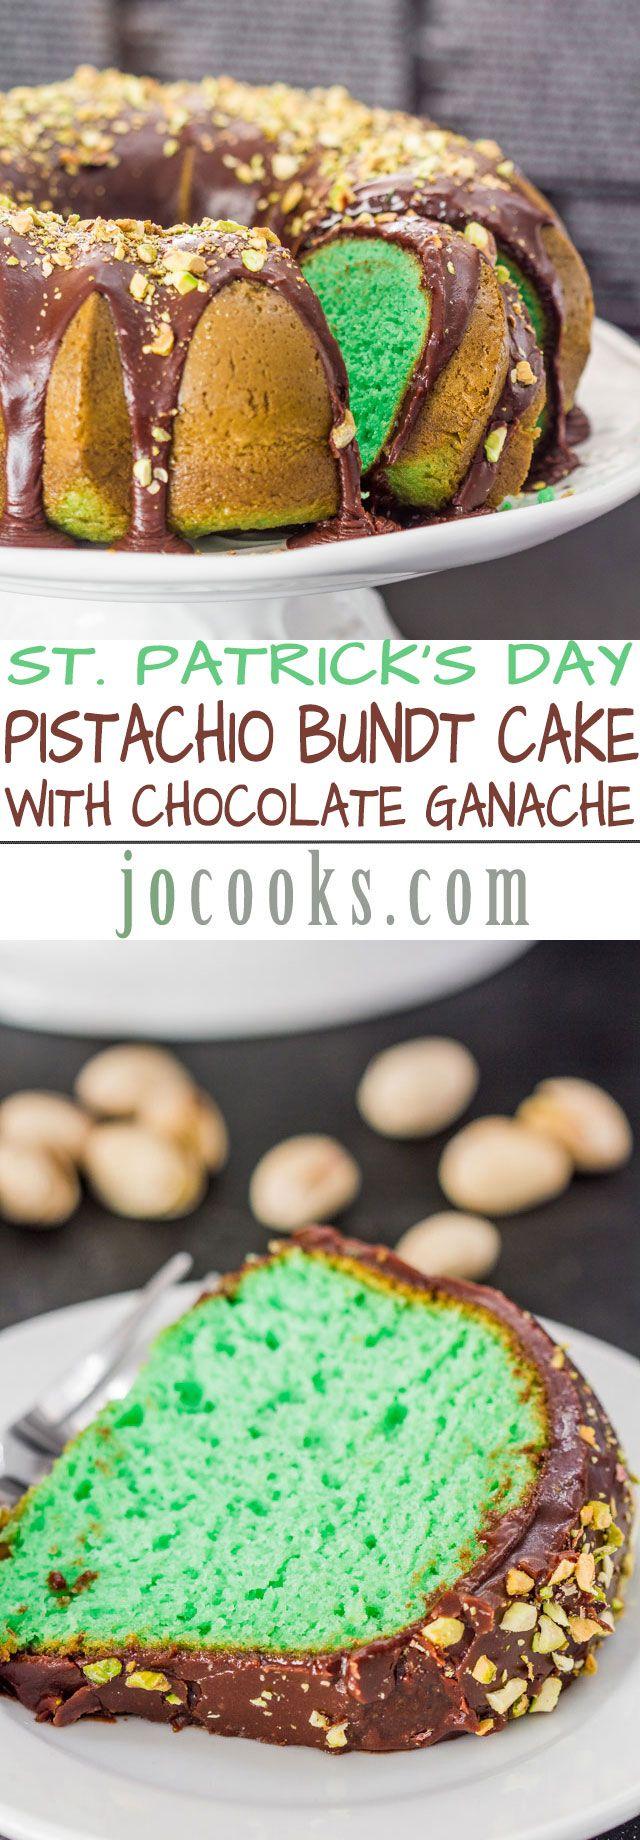 Pistachio Bundt Cake with Chocolate Ganache